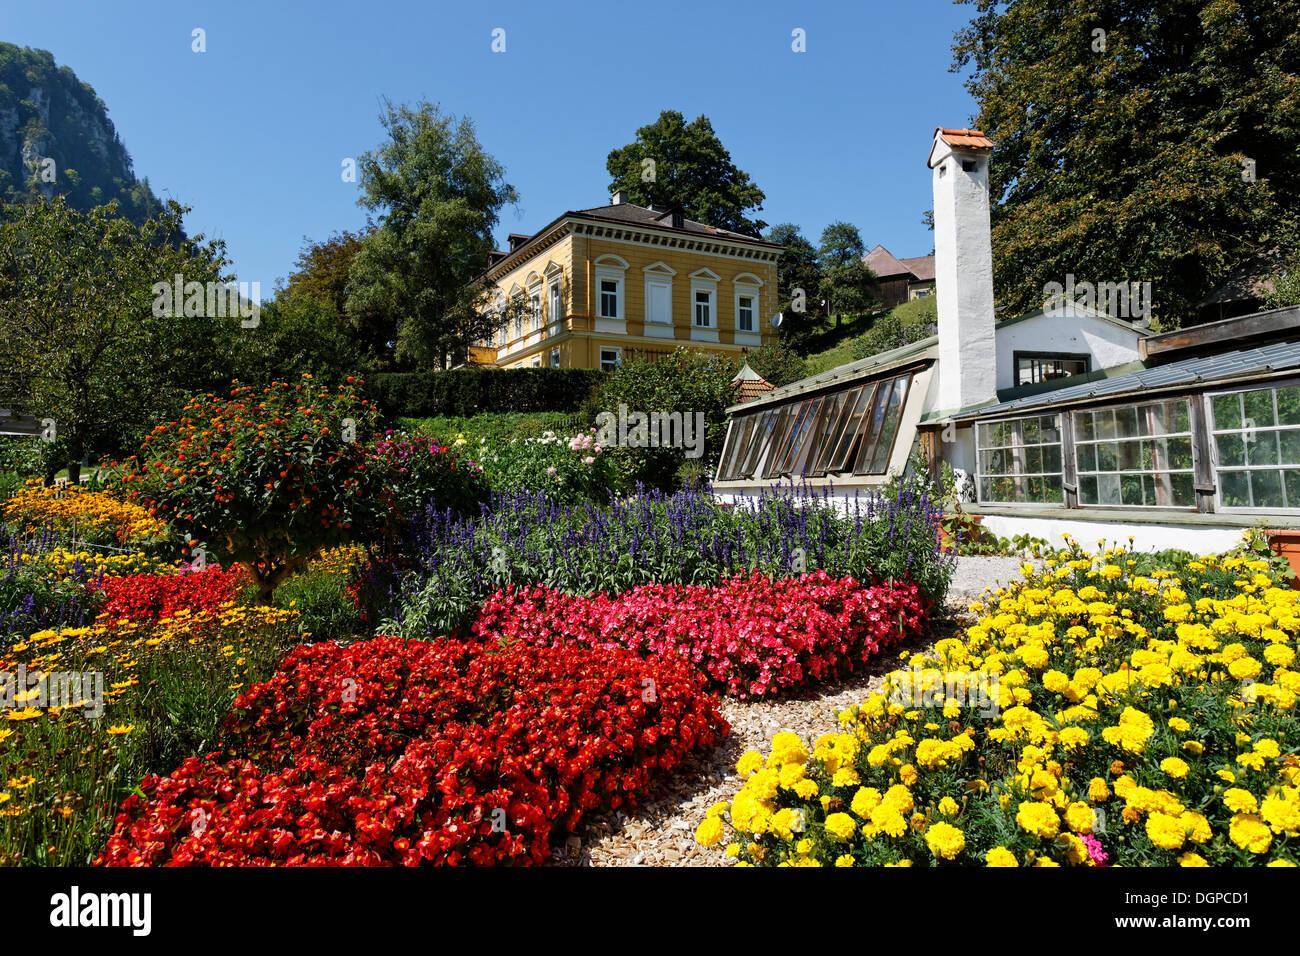 Ruler's Garden, open-air museum of Schmiedleithen, Gruenberg, Pyhrn-Eisenwurzen region, Traunviertel district, Upper Austria - Stock Image